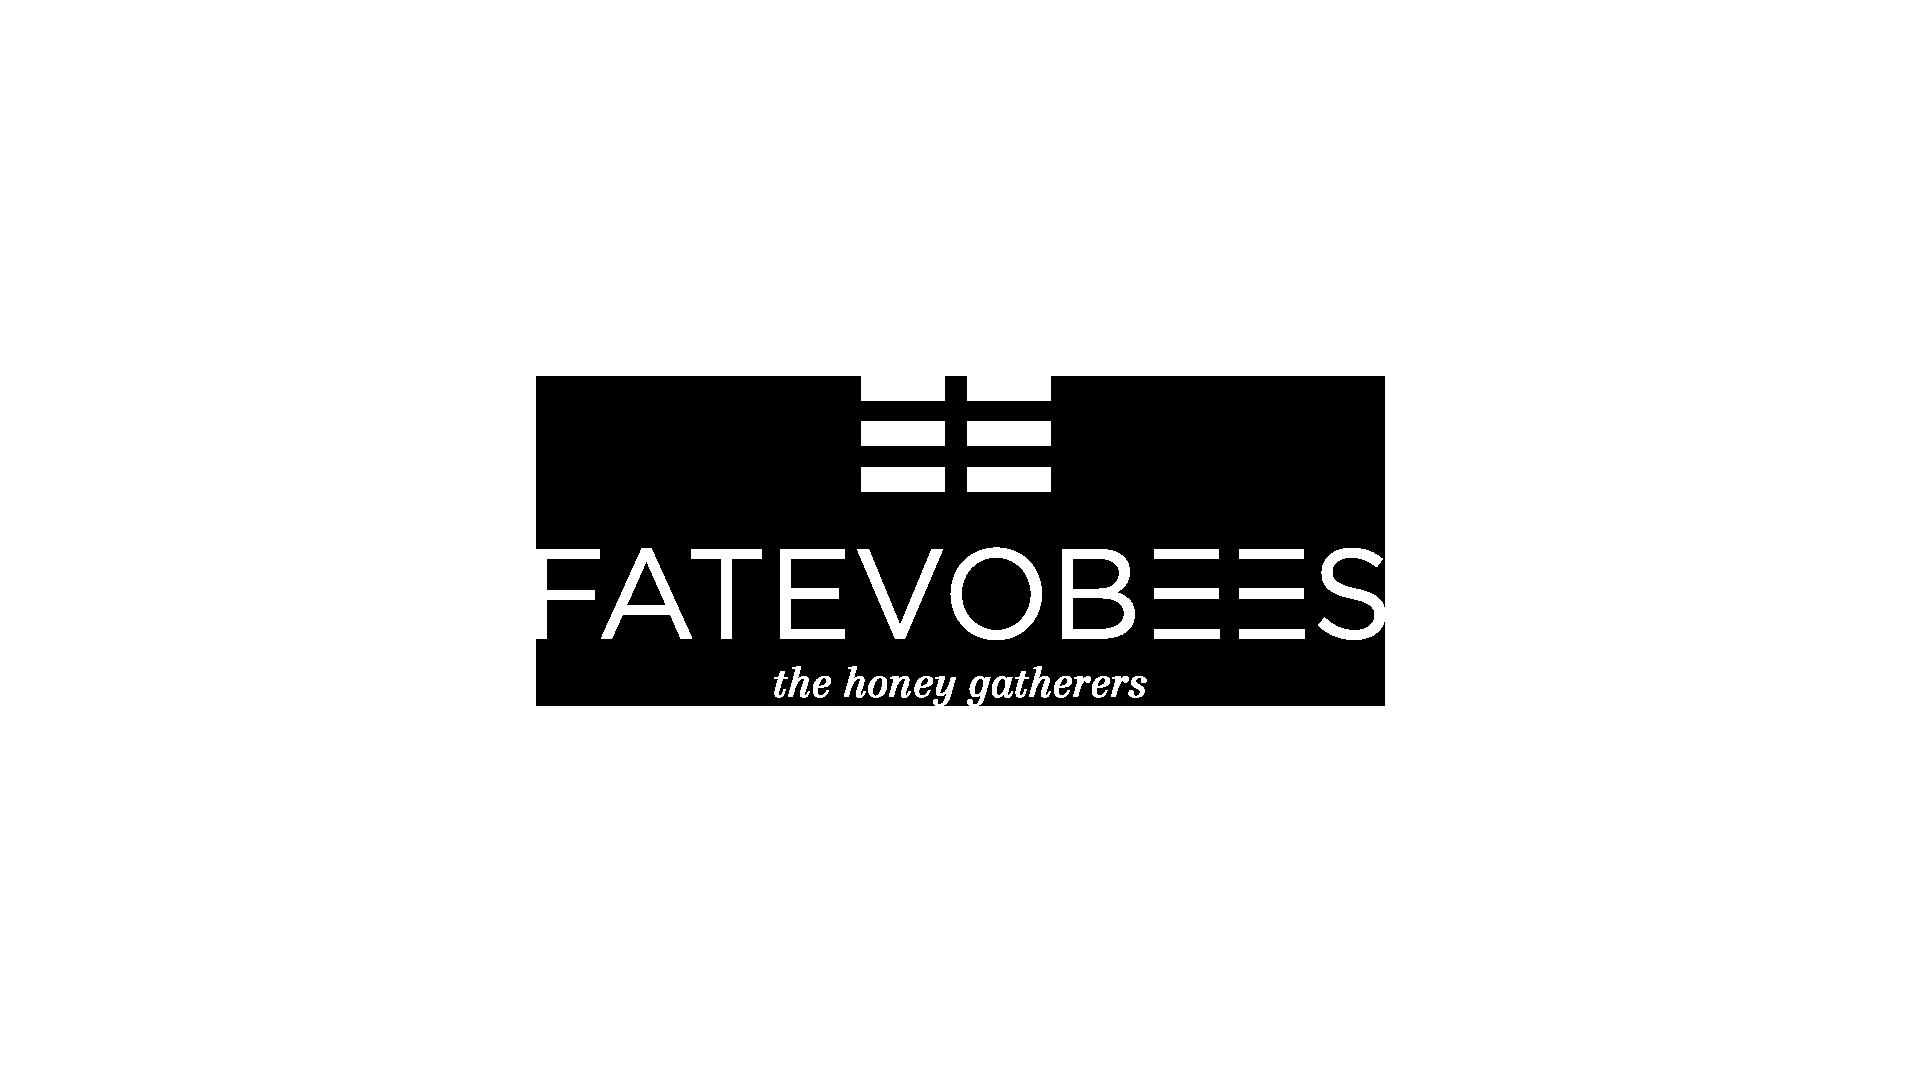 3_Fatevobees-logo-bianco_miele-in-favo-apicoltori-pino-fattori